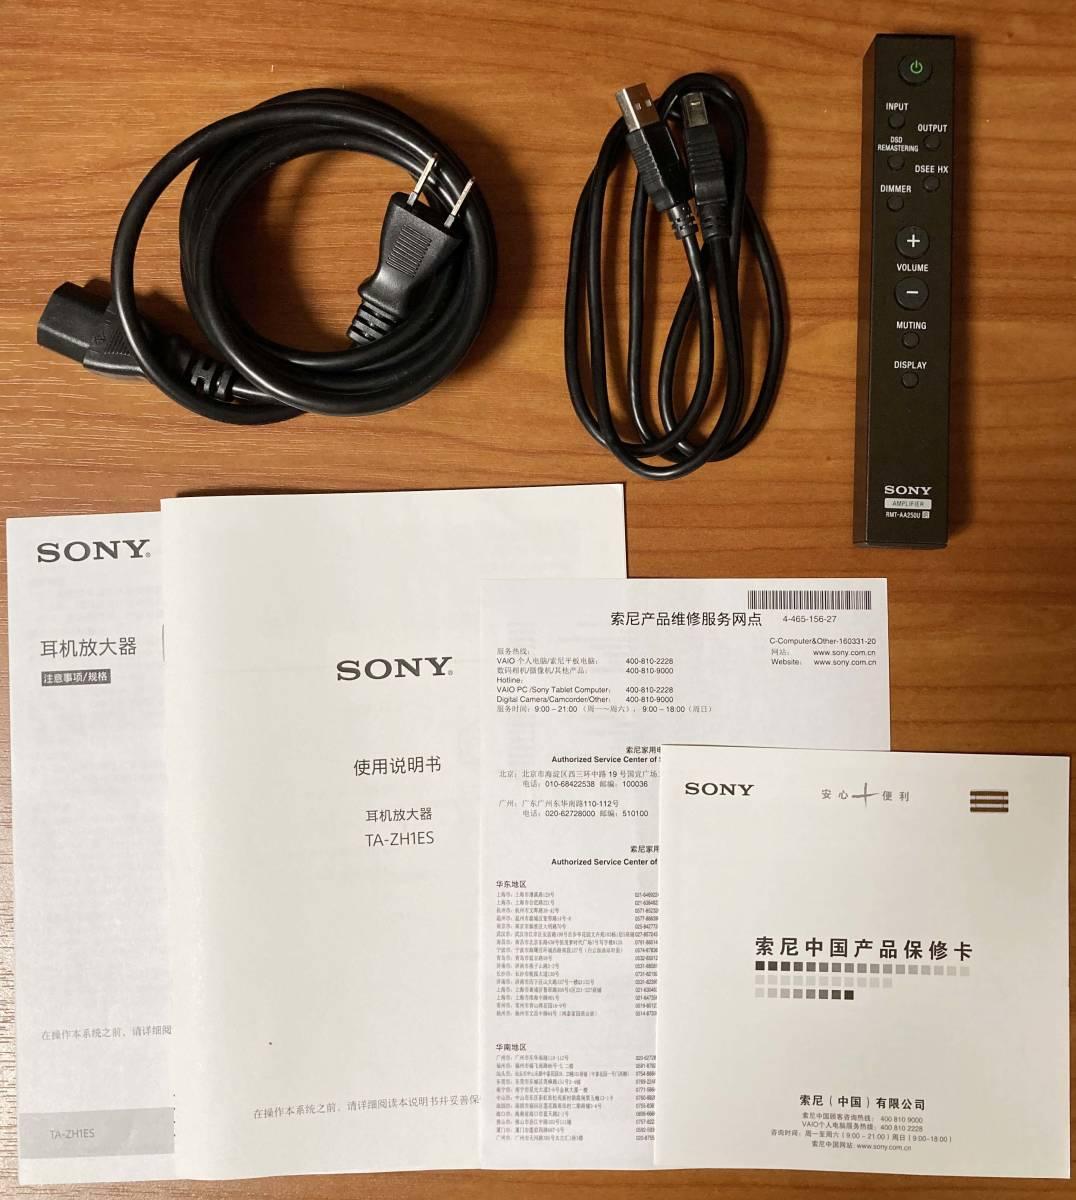 【美品】SONY DAC内蔵ヘッドホンアンプ TA-ZH1ES 【220V-240V仕様品】_画像9